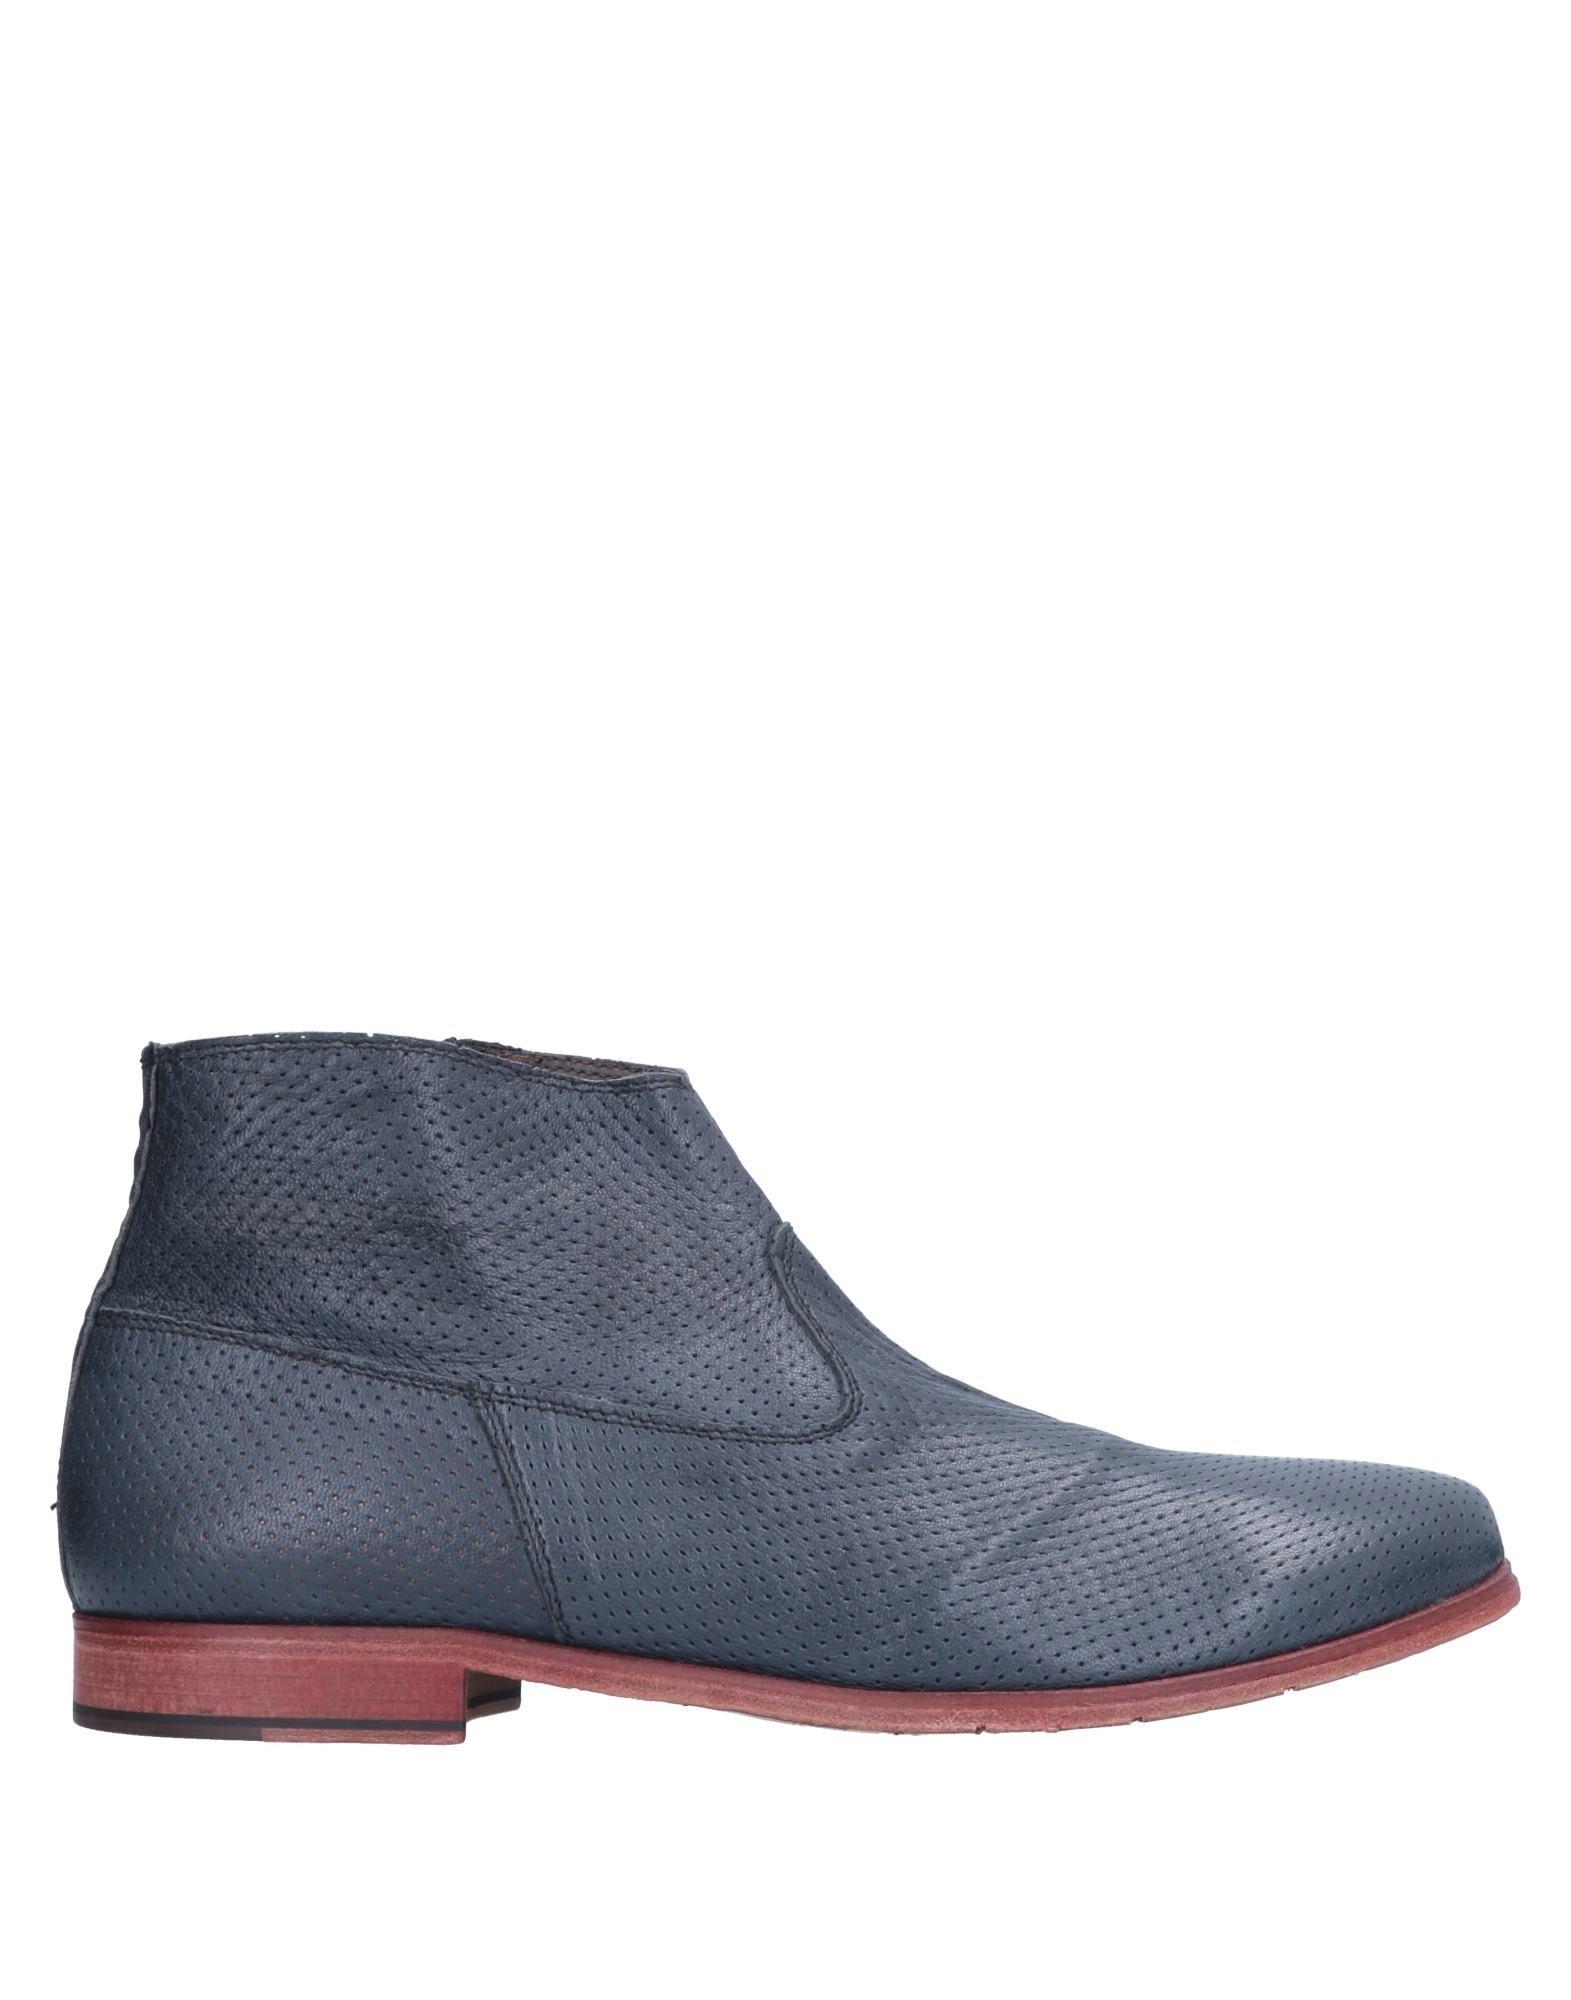 Alberto Guardiani Stiefelette Qualität Herren  11547649PV Gute Qualität Stiefelette beliebte Schuhe 1ca179